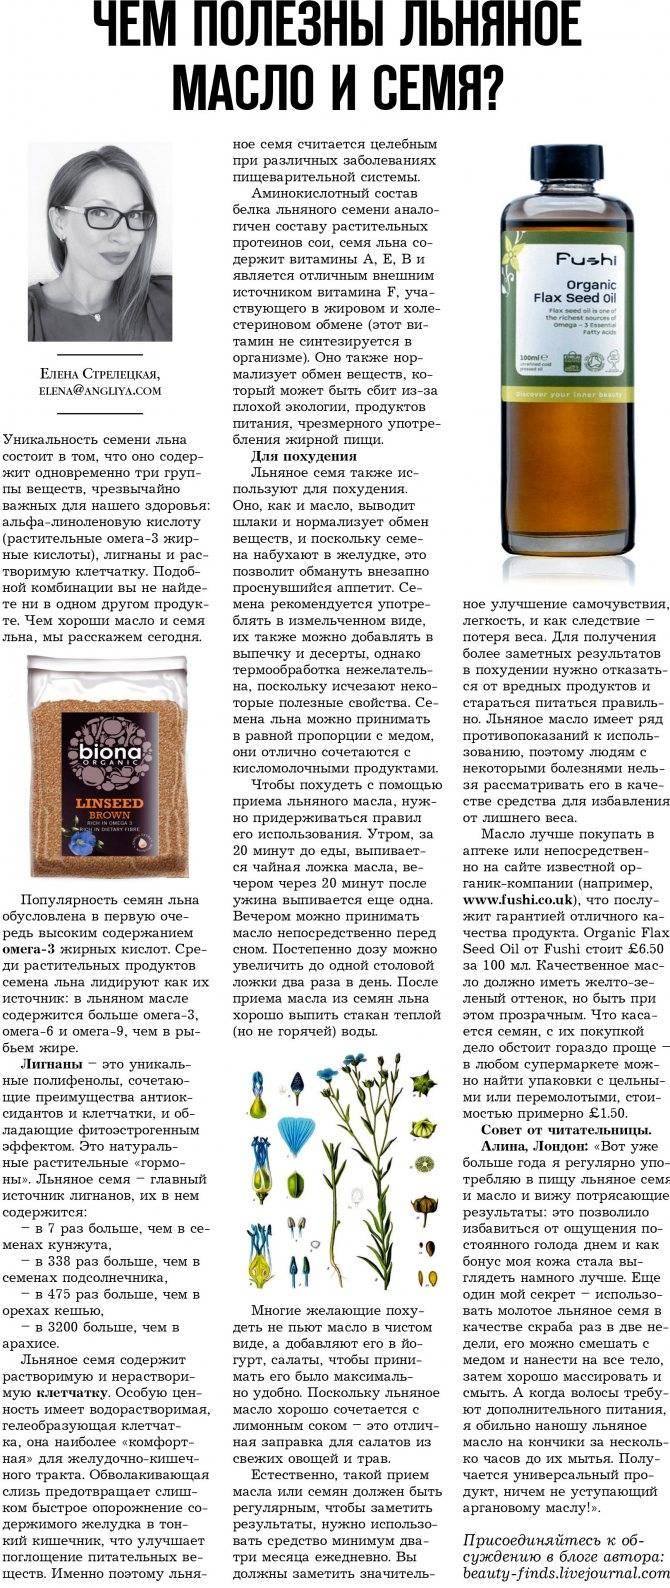 Льняное масло - польза и вред: как принимать для похудения, отзывы